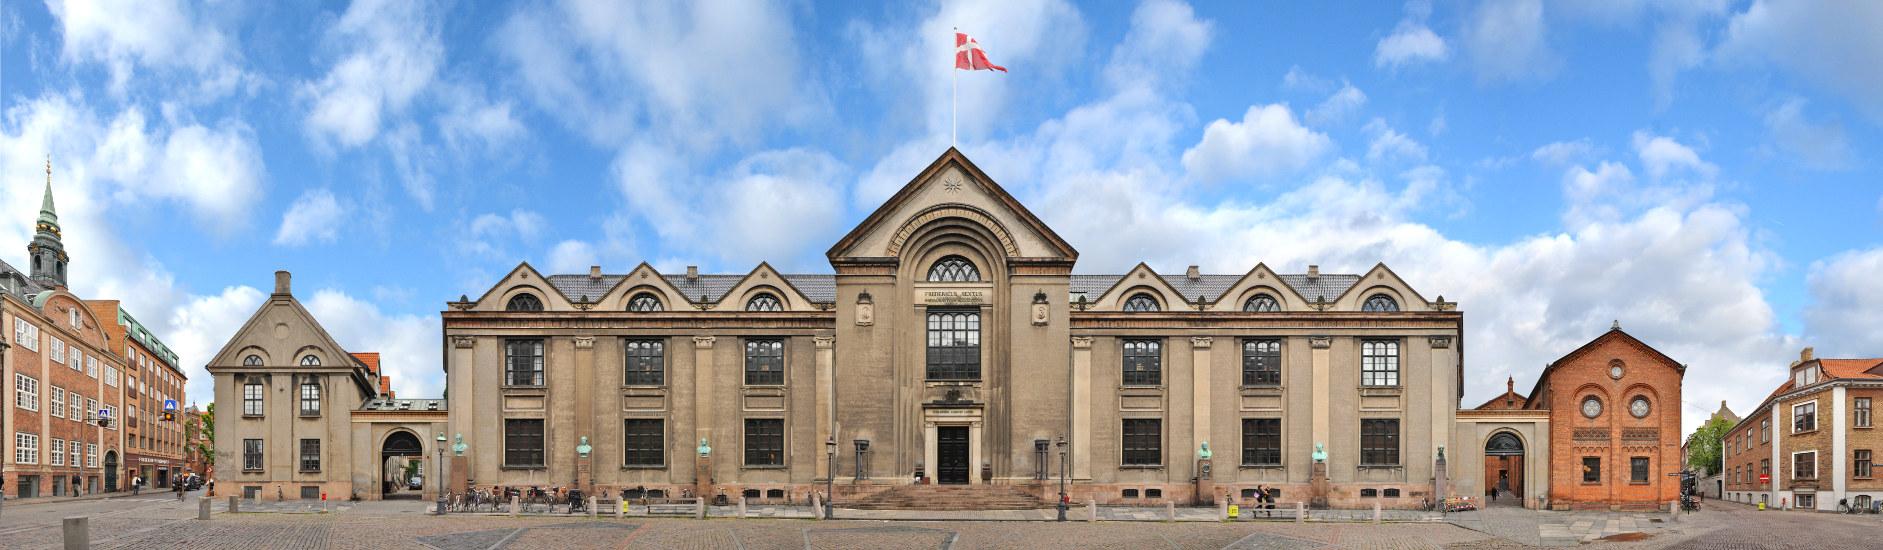 University of Copenhagen | Frue Plads